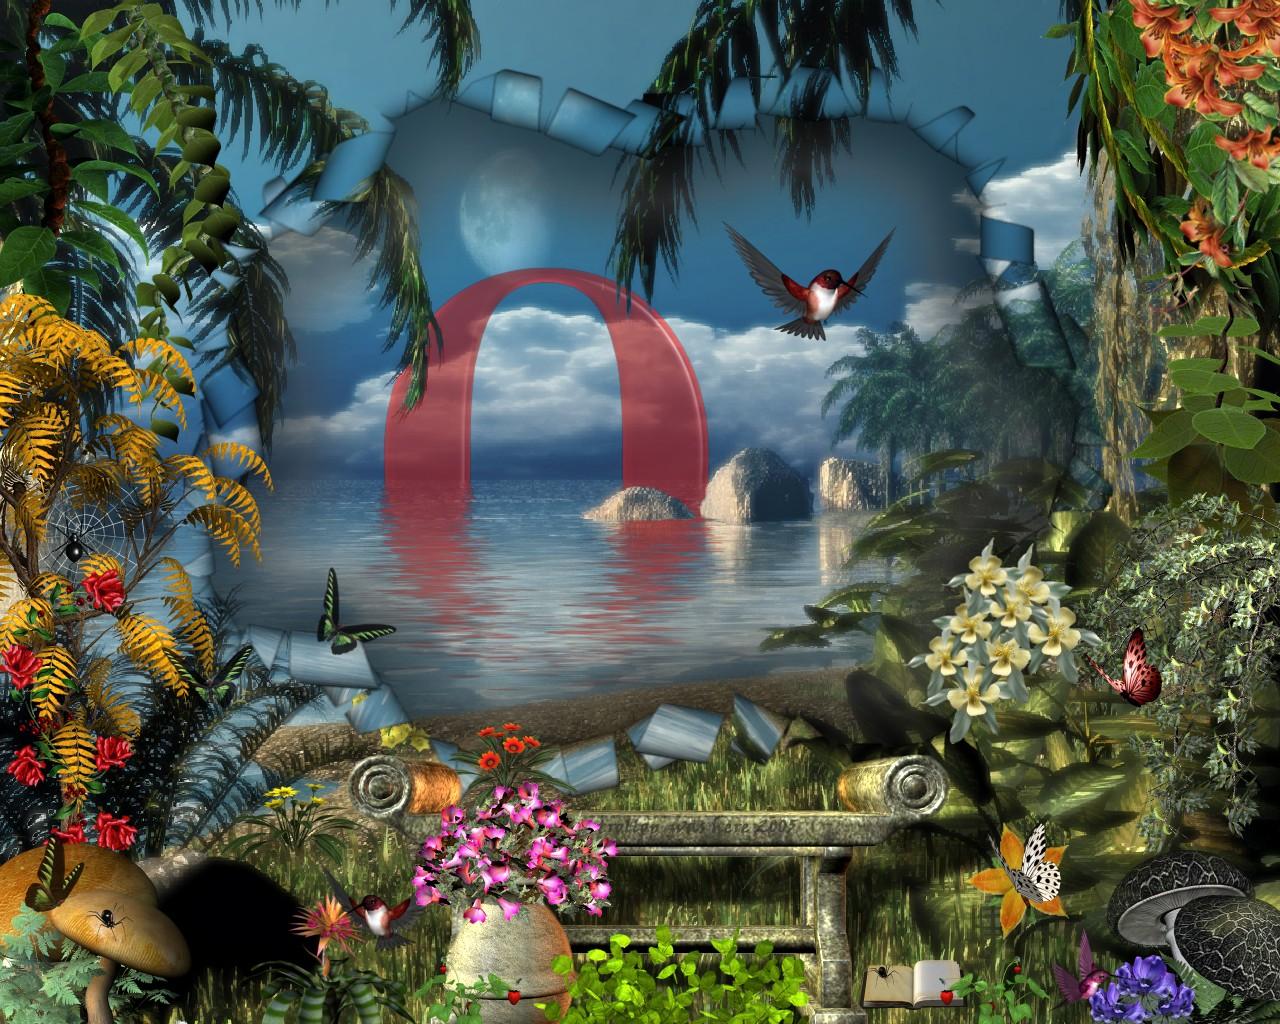 http://3.bp.blogspot.com/-mBs9sjJFlqU/TYd-frJnmbI/AAAAAAAABXk/mmeCdulcD1g/s1600/floresta%2Bopera.jpg